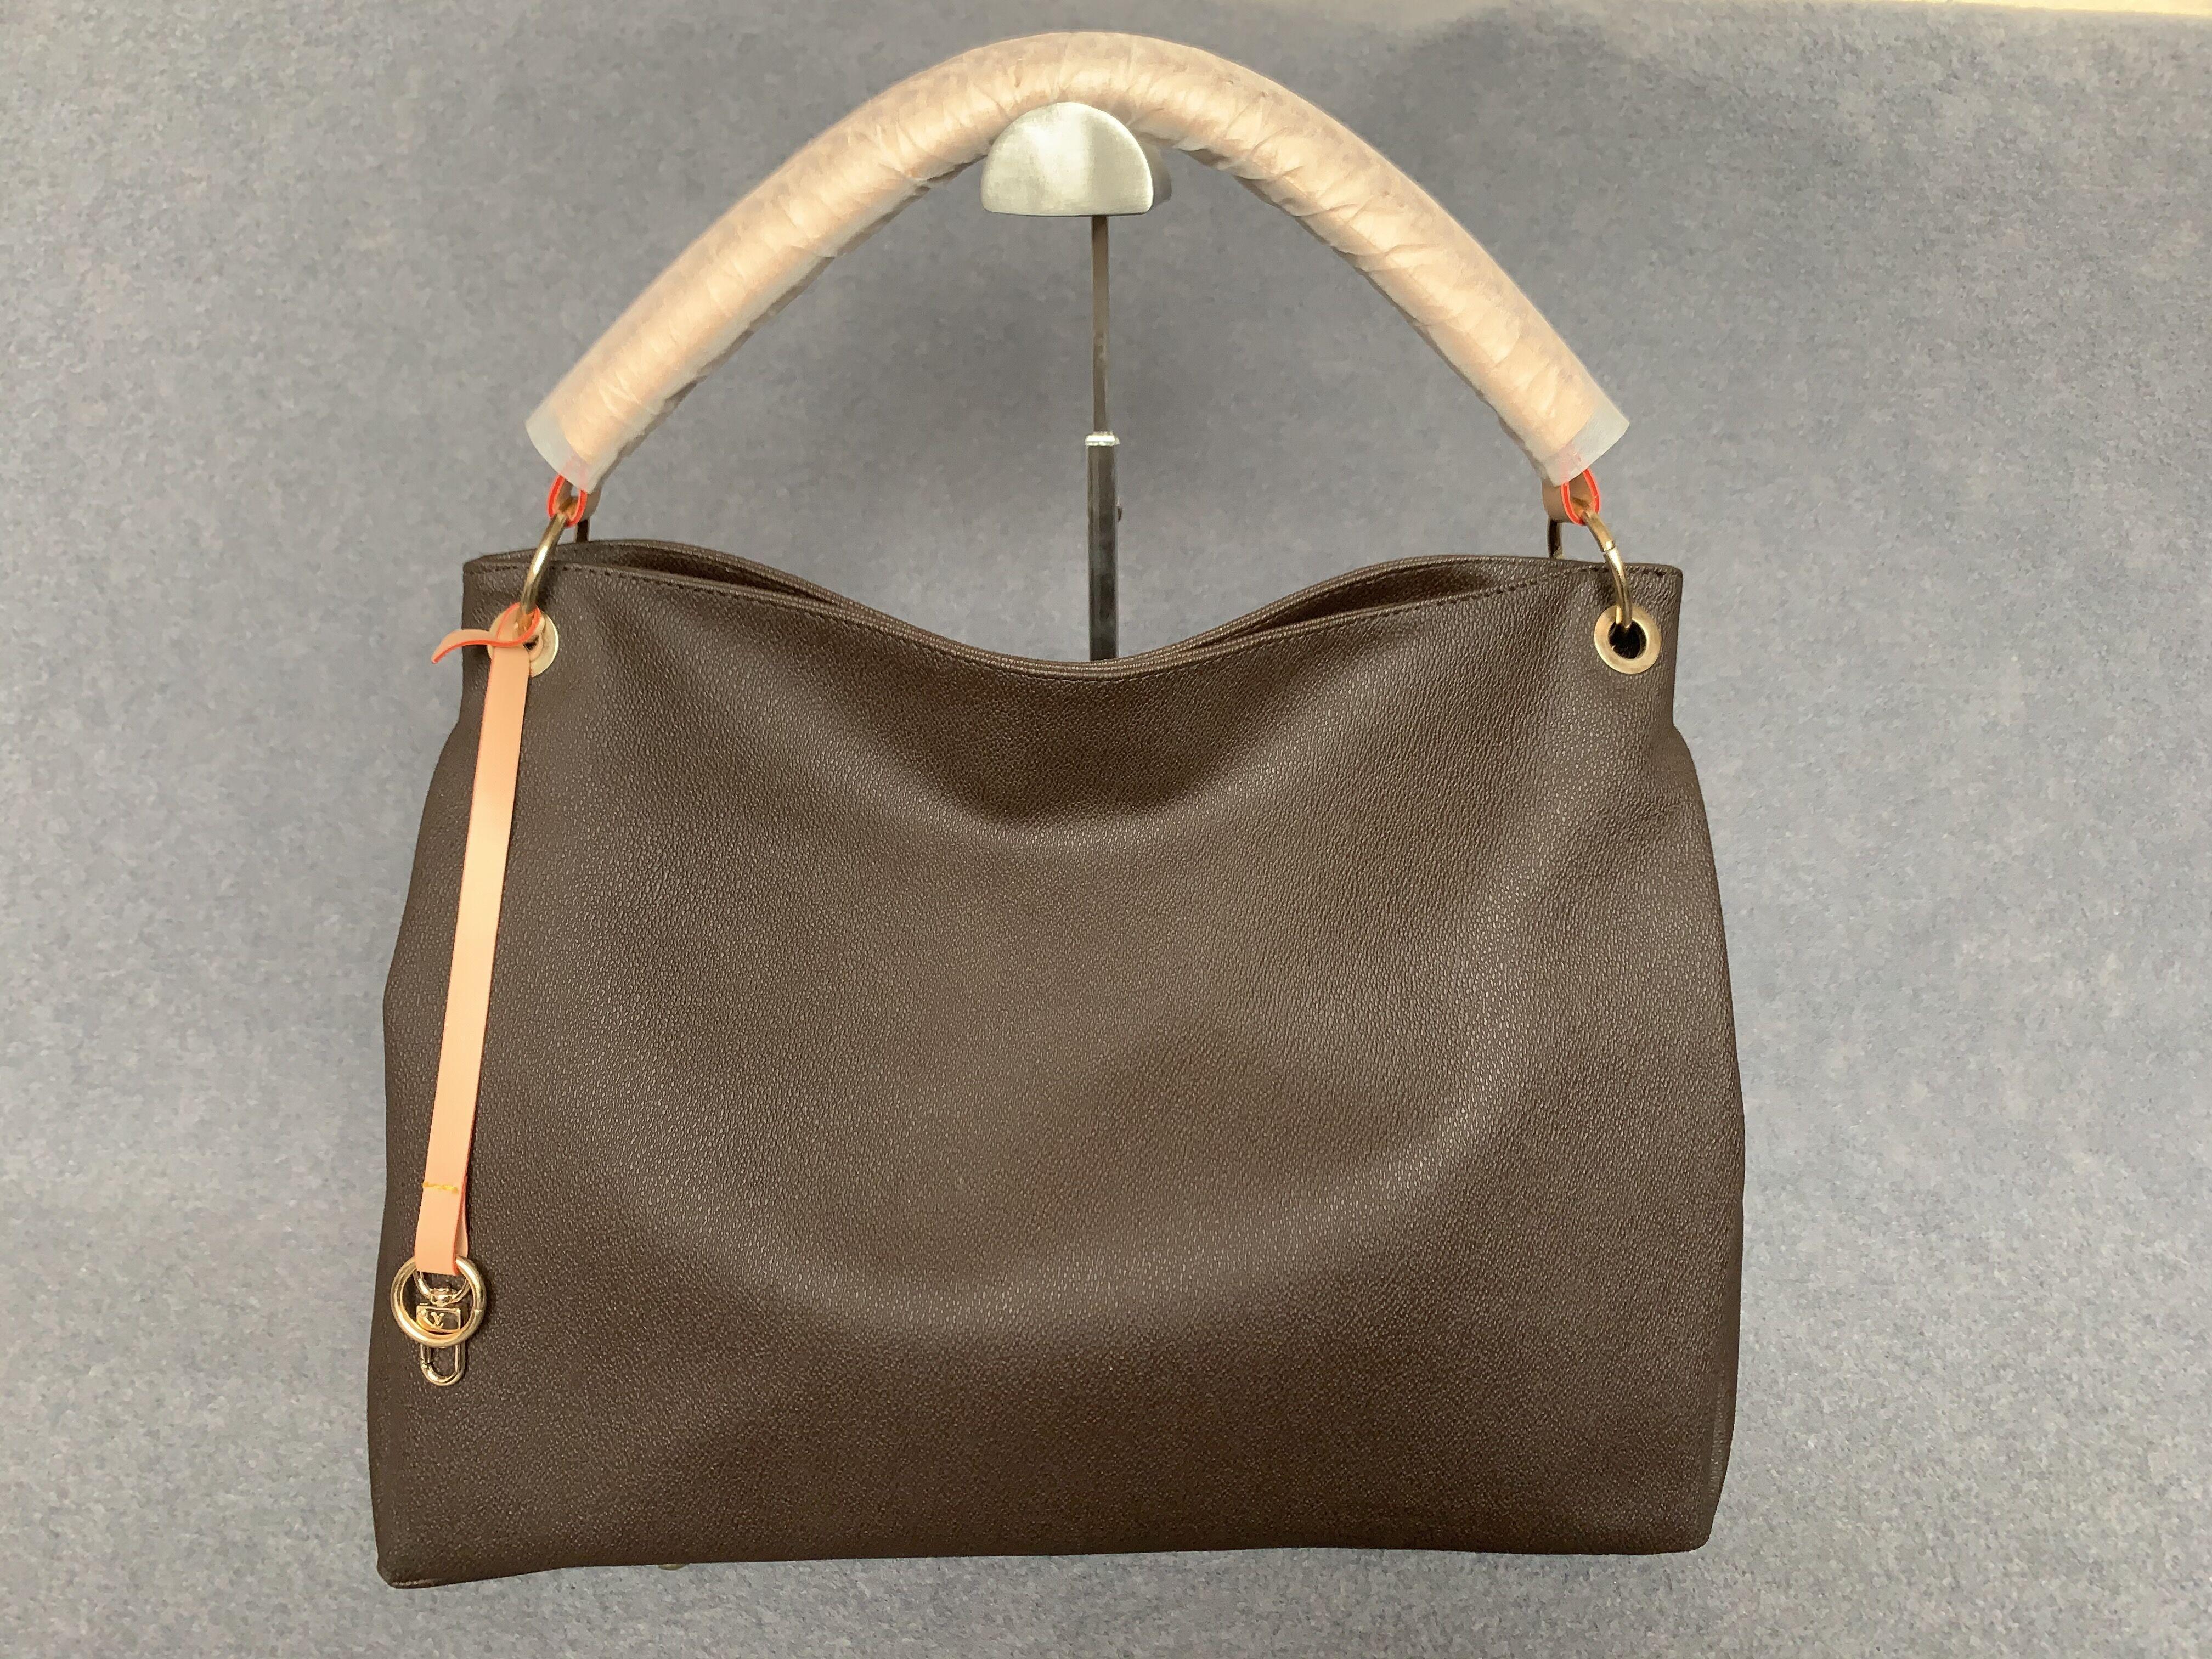 2020 Sıcak Satır Bayan Priz Kadın Lüks Tasarımcılar Çanta Bayan Deri Artsy Çanta Tote Crossbody Çanta Çanta Zincir Omuz Çantaları